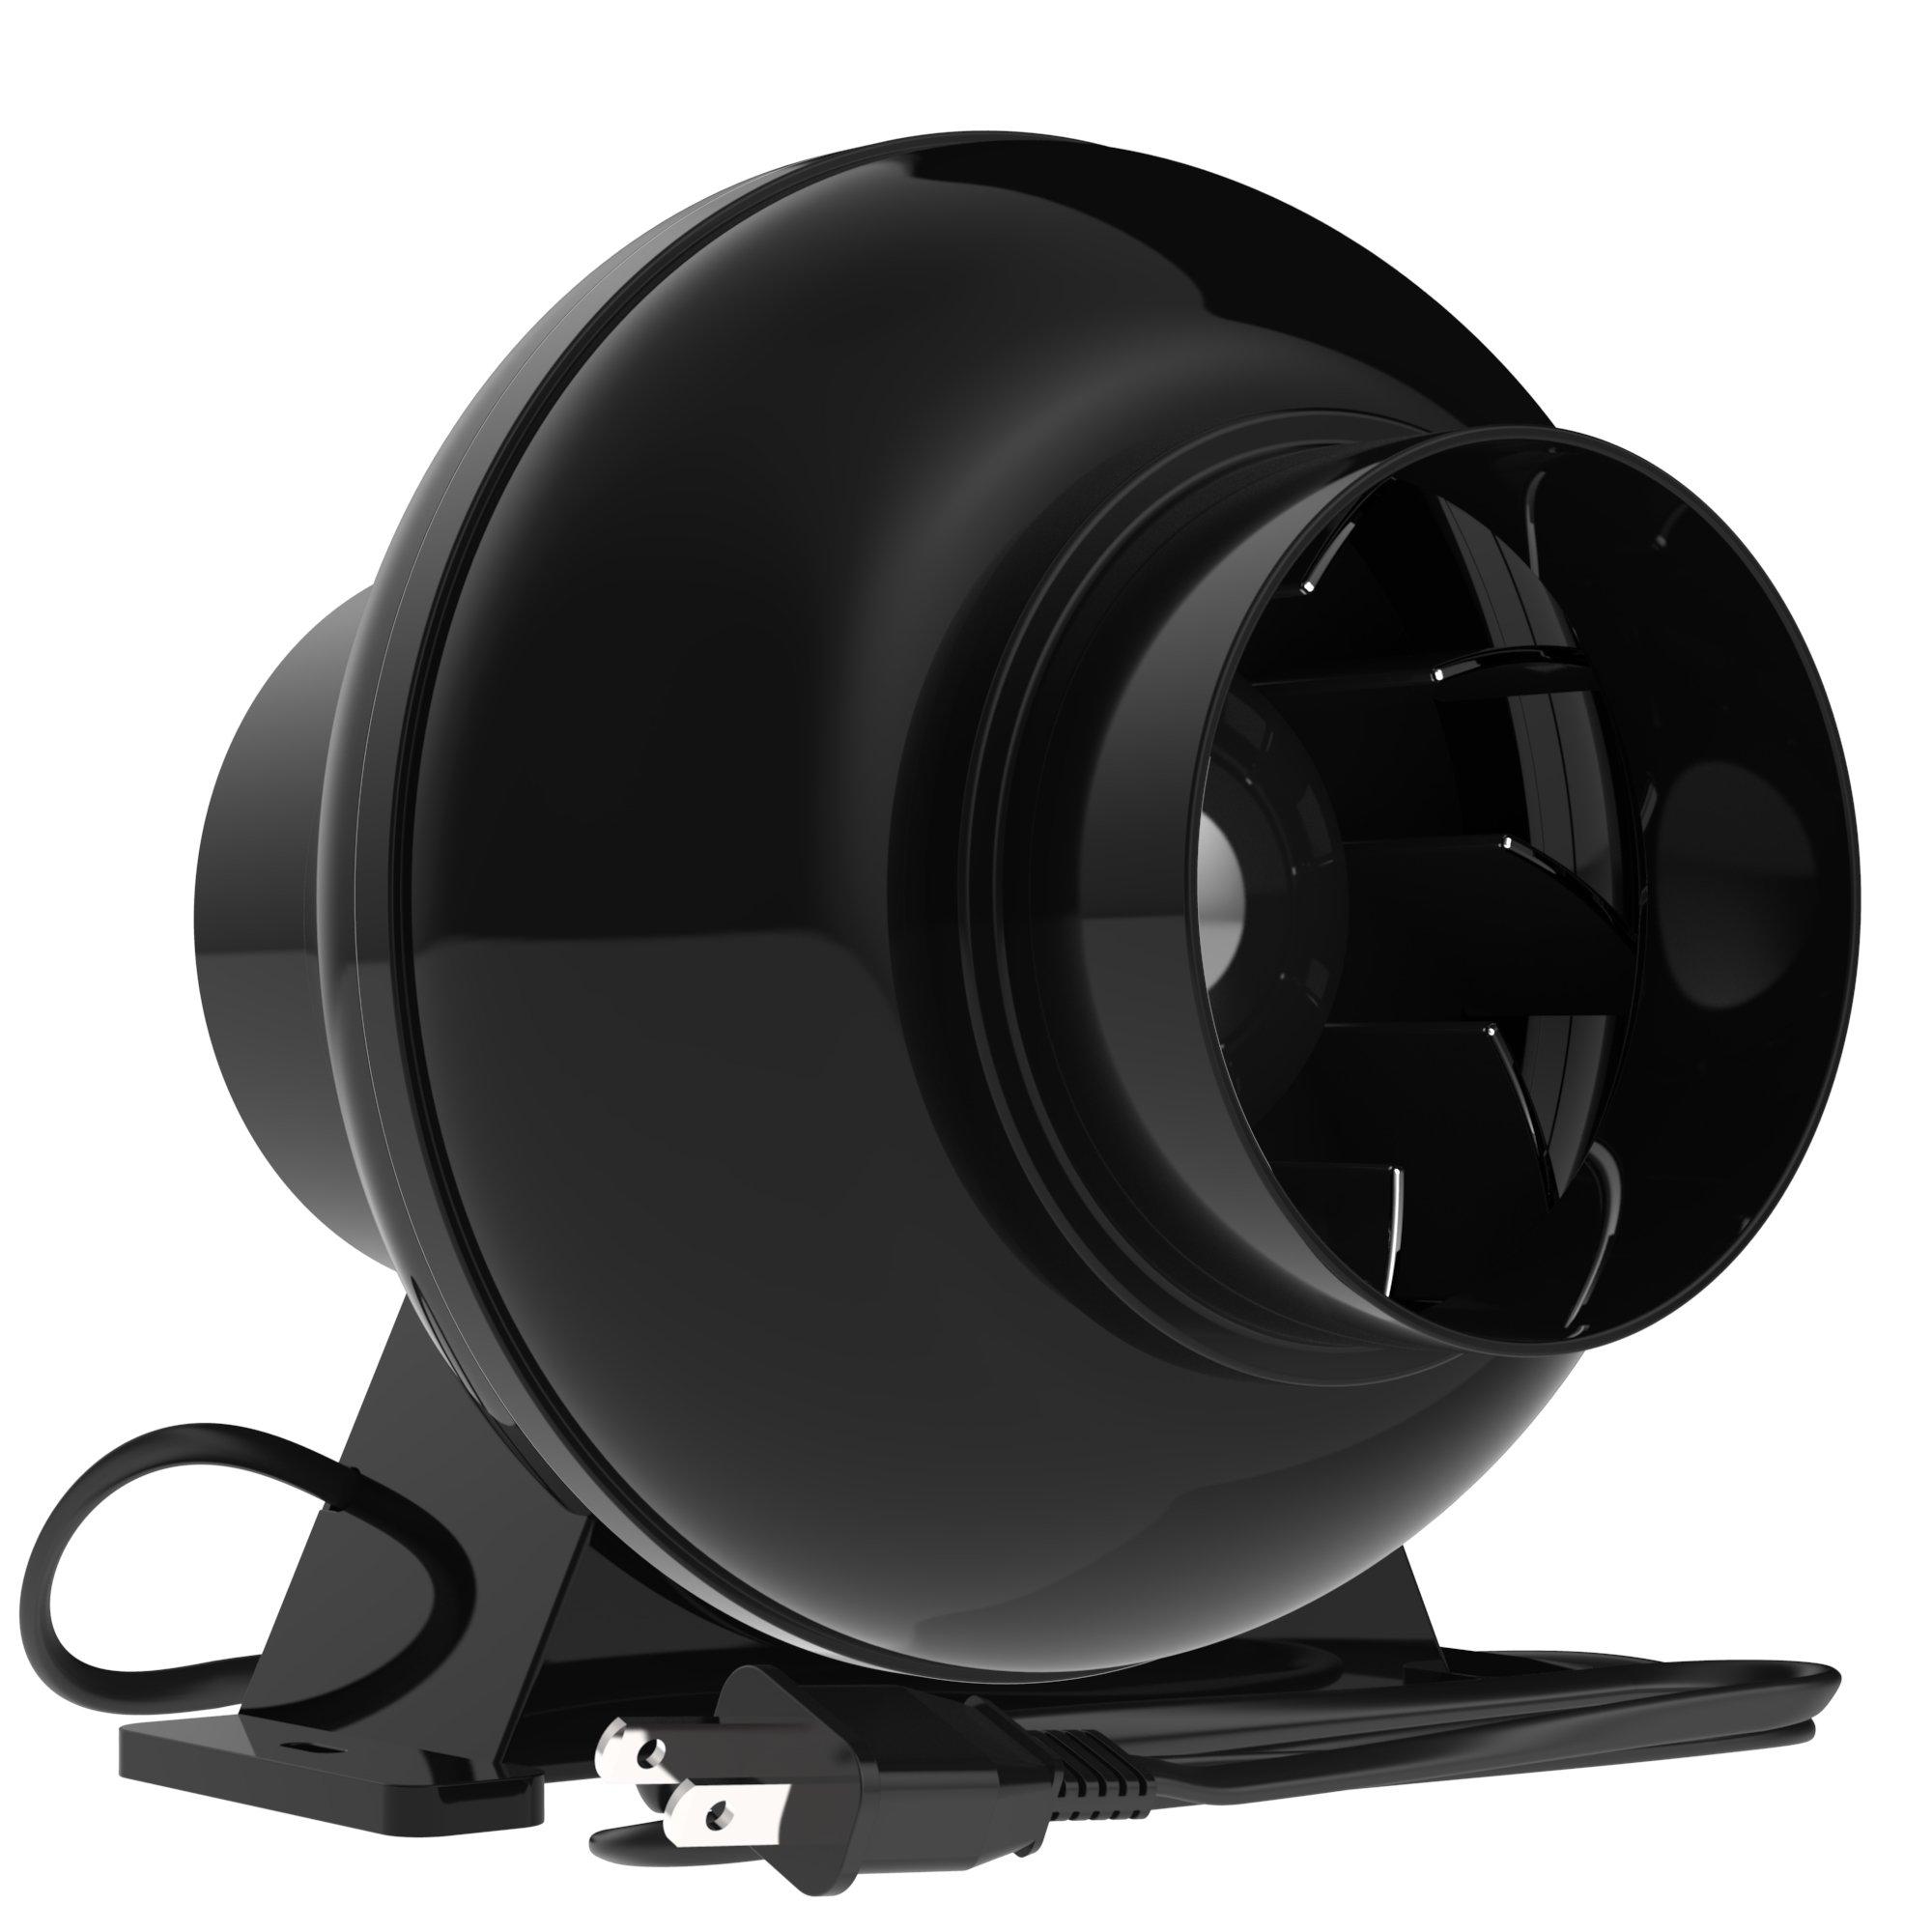 VIVOSUN 4 Inch 195 CFM Inline Duct Ventilation Fan Vent Blower for Grow Tent